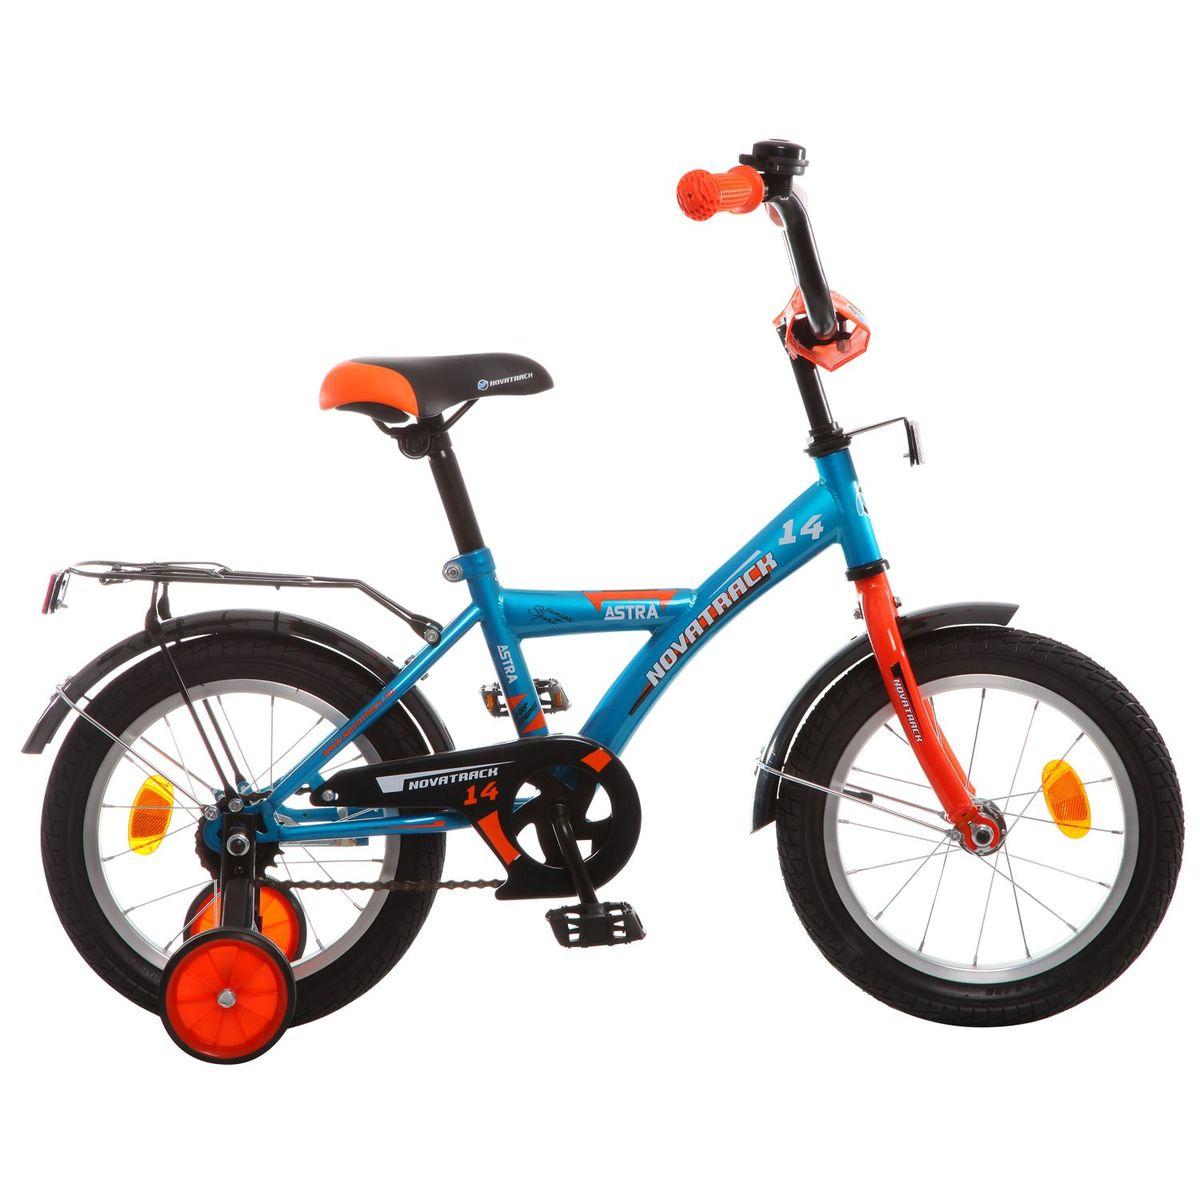 Велосипед детский Novatrack Astra 14, цвет: синий143ASTRA.BL5Хотите, чтобы ваш ребенок играя укреплял здоровье? Тогда ему нужен удобный и надежный велосипед Novatrack Astra 14'', рассчитанный на малышей 3-5 лет. Одного взгляда малыша хватит, чтобы раз и навсегда влюбиться в свой новенький двухколесный транспорт, который в принципе, сначала можно назвать и четырехколесным. Дополнительную устойчивость железному «коню» обеспечивают два маленьких съемных колеса в цвет велосипеда. Astra собрана на базе рамы с универсальной геометрией, которая позволяет легко взобраться или слезть с велосипеда, при этом он имеет такой вес, что маленький ребенок сам легко справляется со своим транспортным средством. Так как велосипед предназначен для самых маленьких, предусмотрен ограничитель поворота руля, который не позволит сильно завернуть руль и упасть. Еще один элемент безопасности – это защита цепи, которая оберегает одежду и ноги малыша от попадания в механизм. Стильные крылья защитят от грязи и брызг, а на багажнике ребенок сможет перевозить массу полезных в дороге вещей. Данная модель маневренна и легко управляется, поэтому ребенку будет несложно и интересно учиться езде.